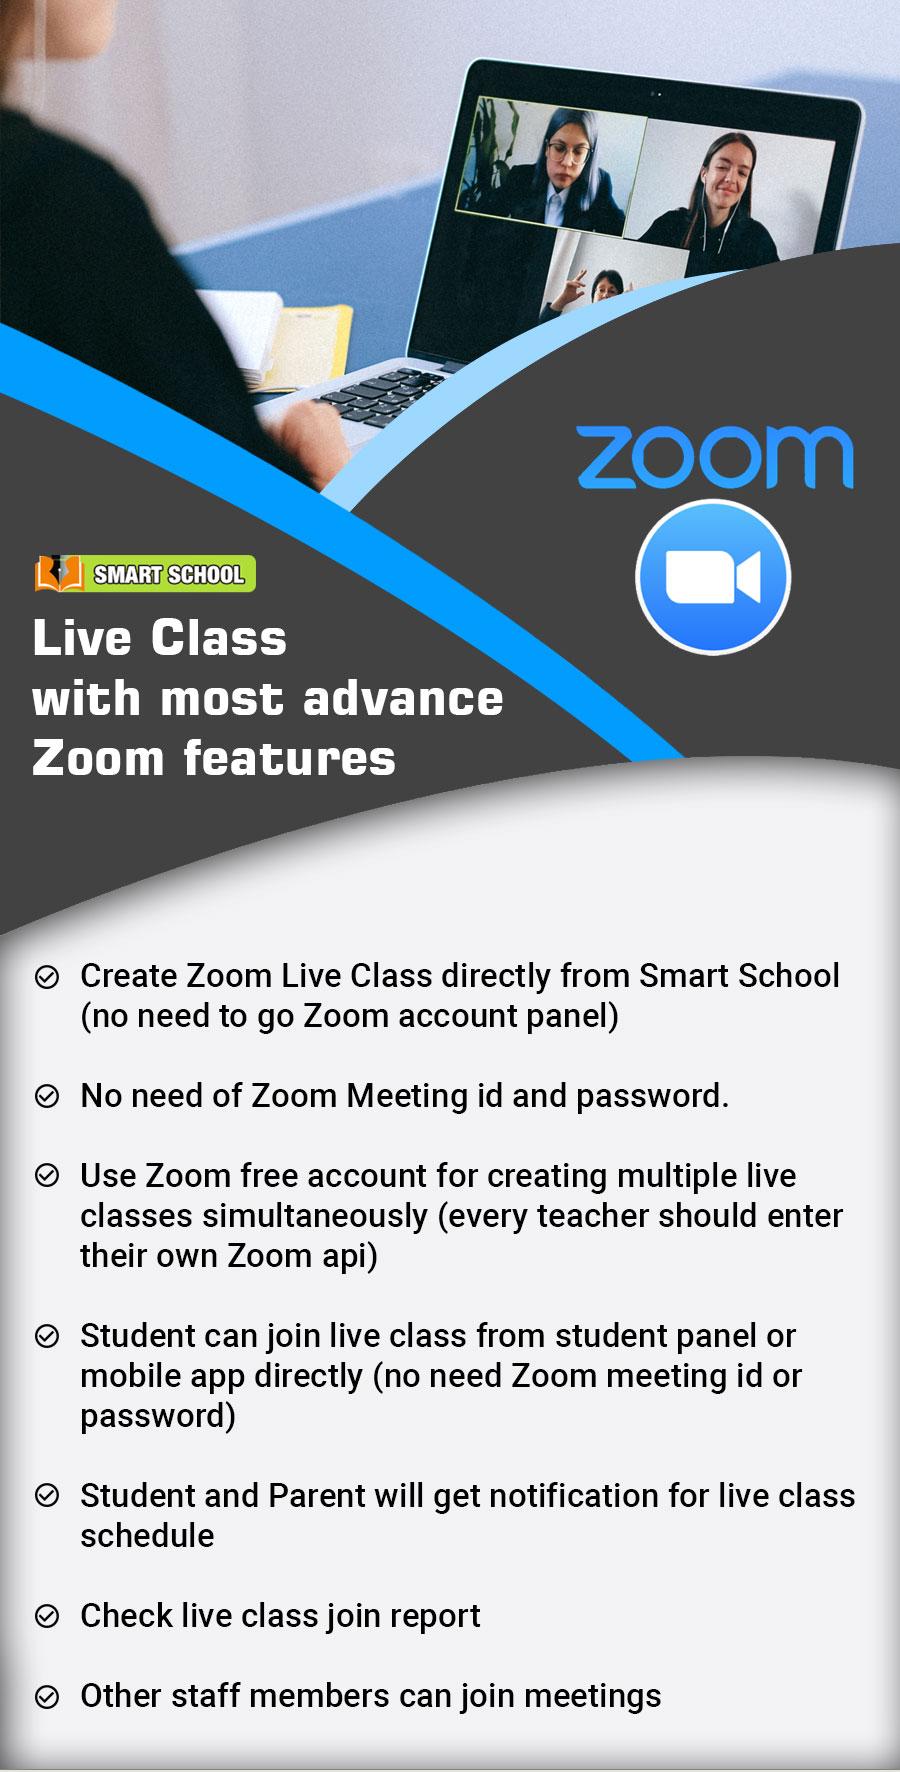 Smart School Zoom Live Class features